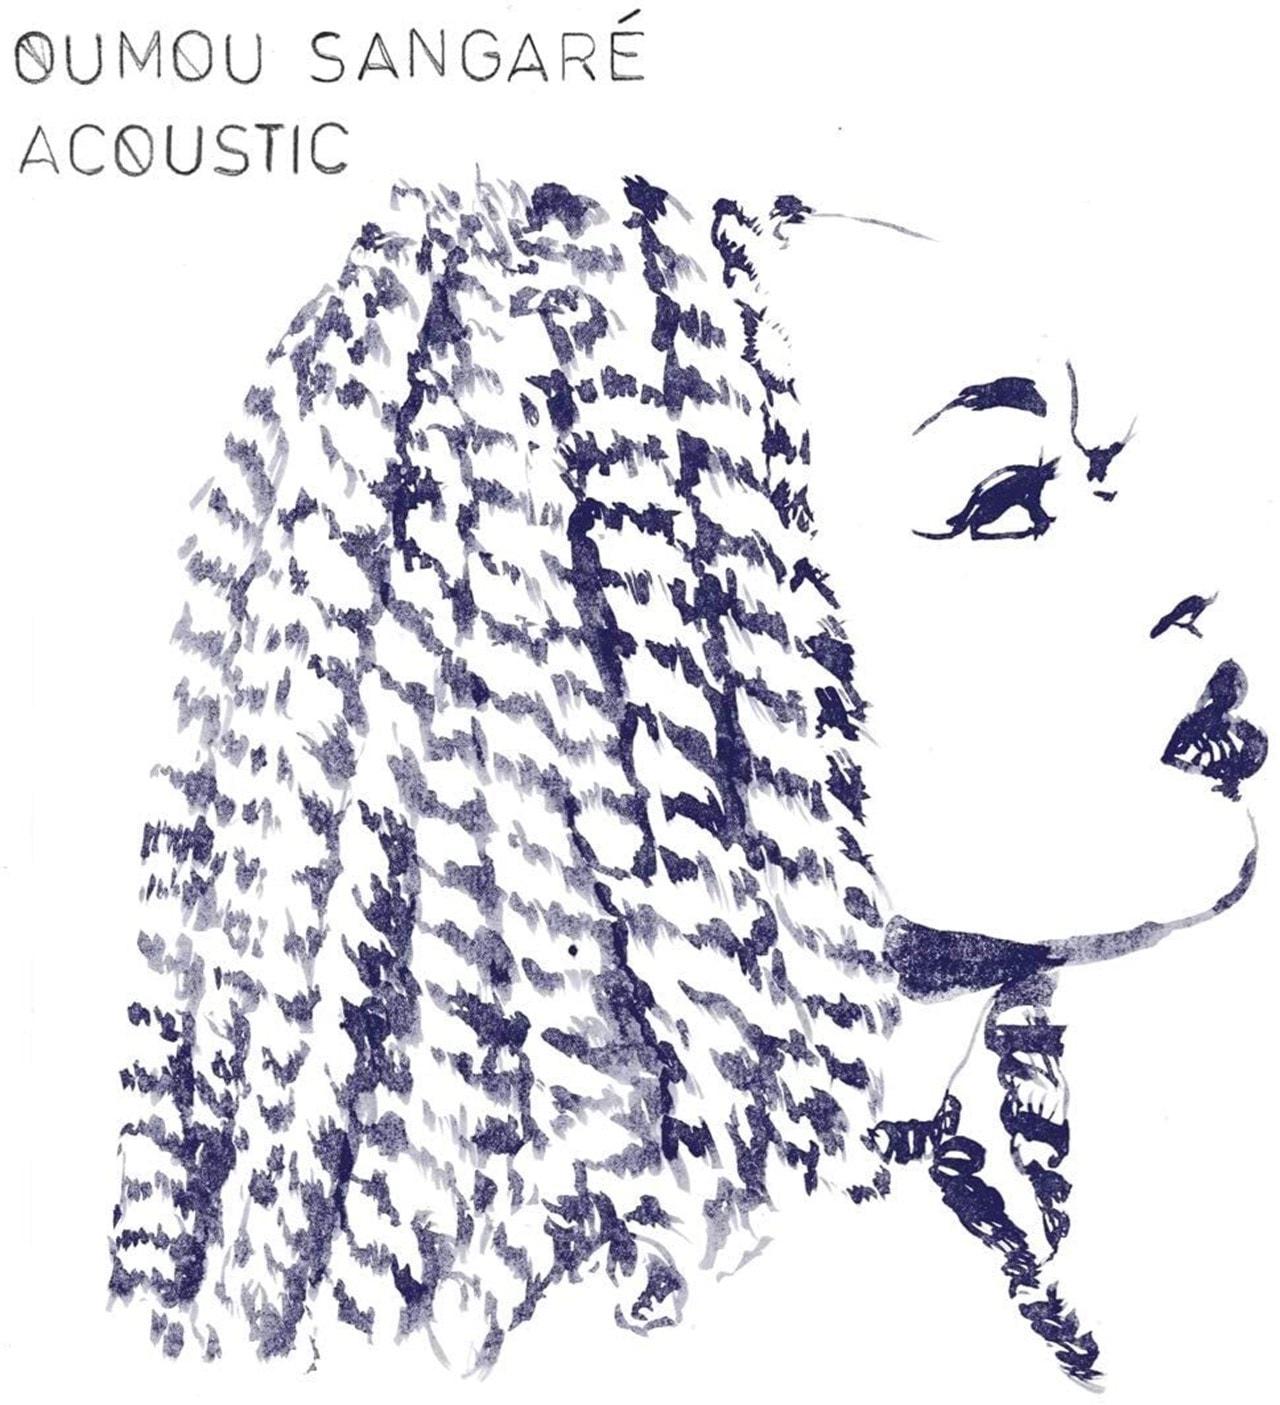 Acoustic - 1